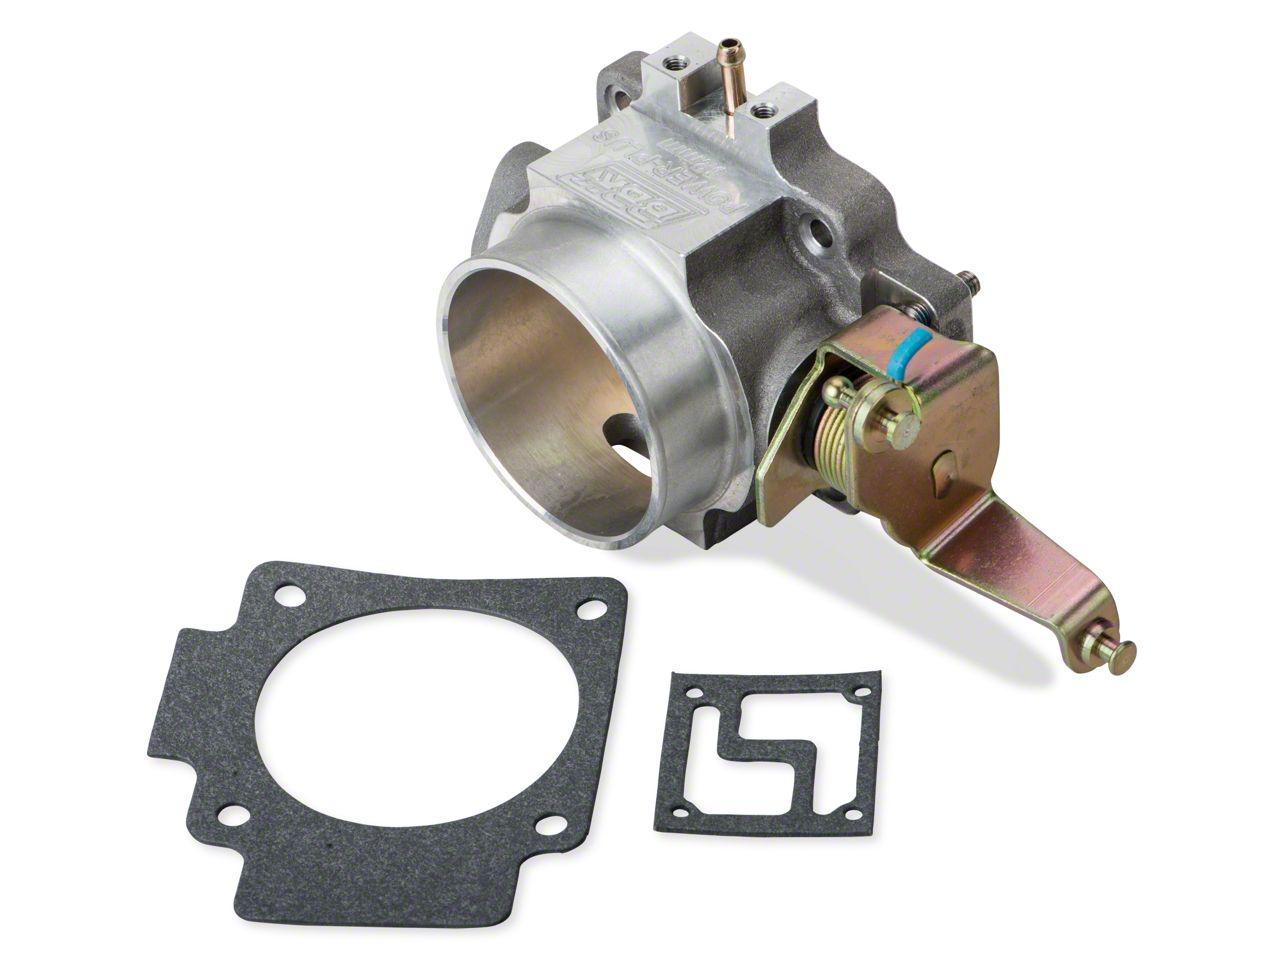 BBK 62mm Throttle Body (91-03 4.0L Jeep Wrangler YJ & TJ)